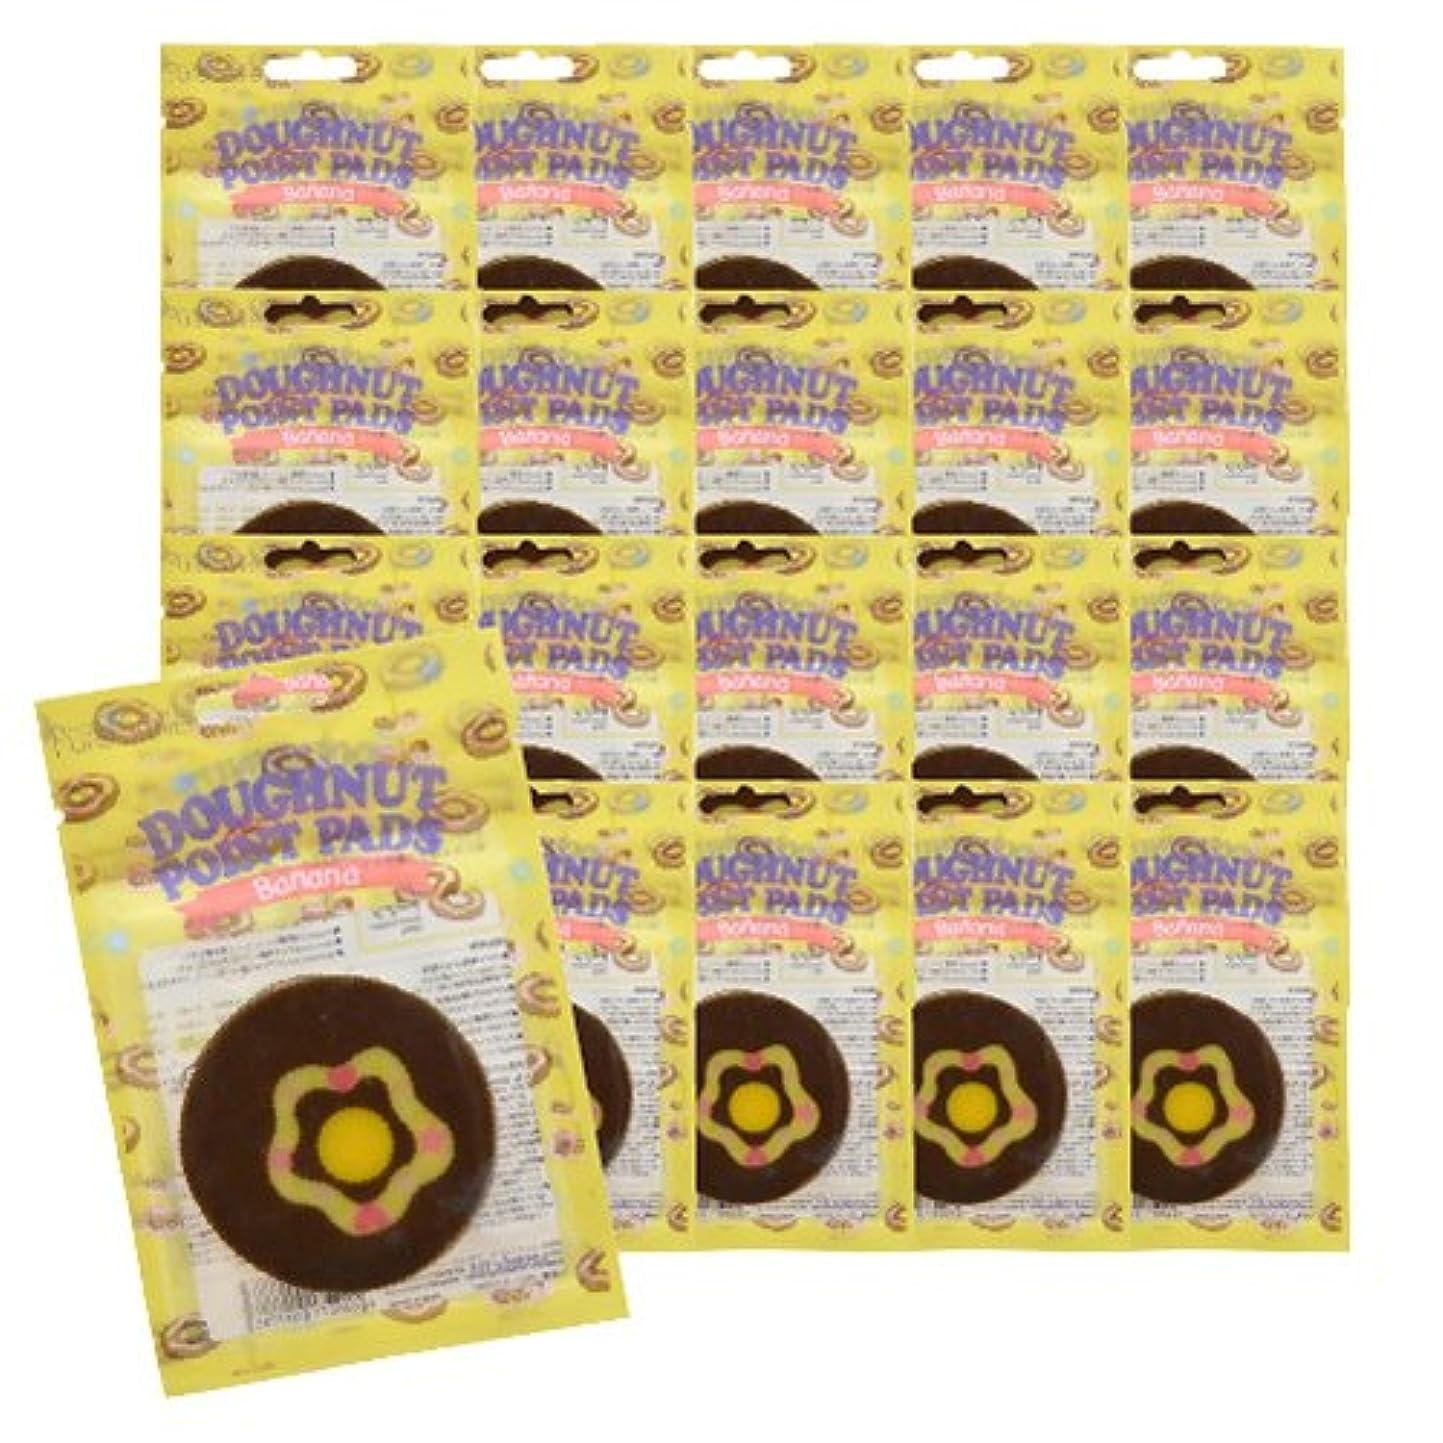 楽しませる膜落とし穴ピュアスマイル スイートドーナツポイントパッド バナナ 20枚パック